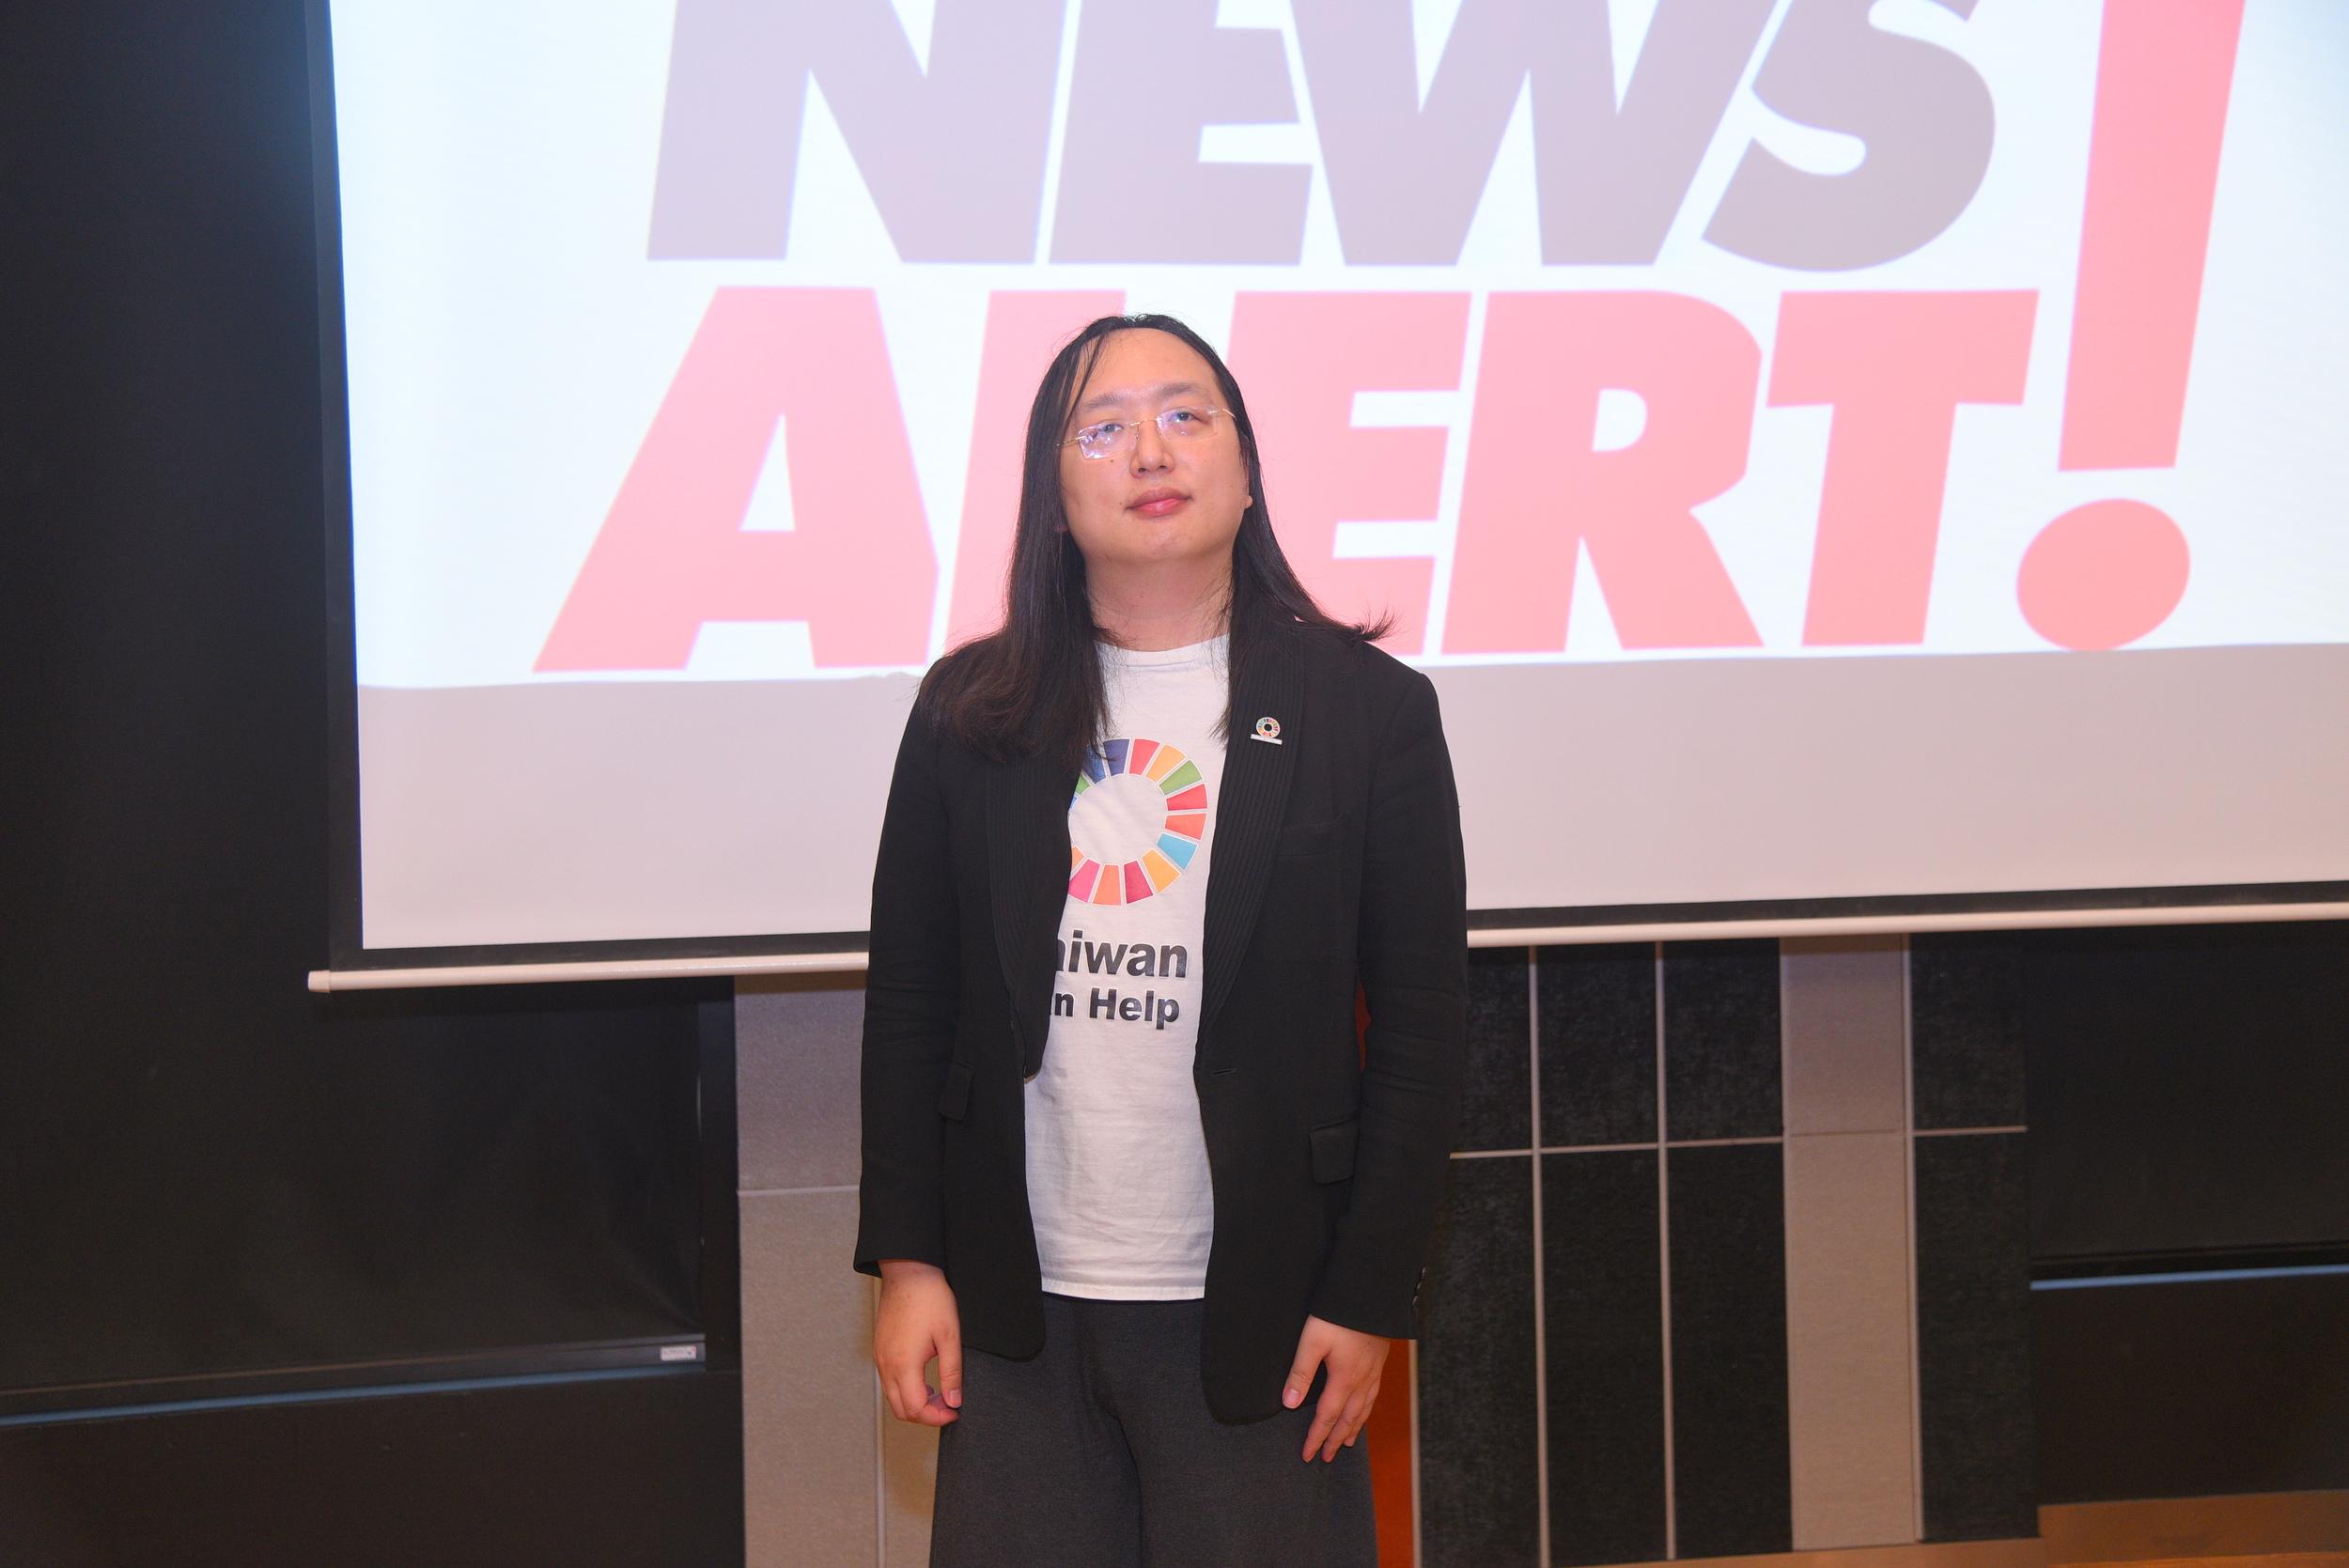 ผนึกกำลังต้านข่าวปลอม หวังผู้ใช้งานสื่อใหม่รู้เท่าทัน thaihealth